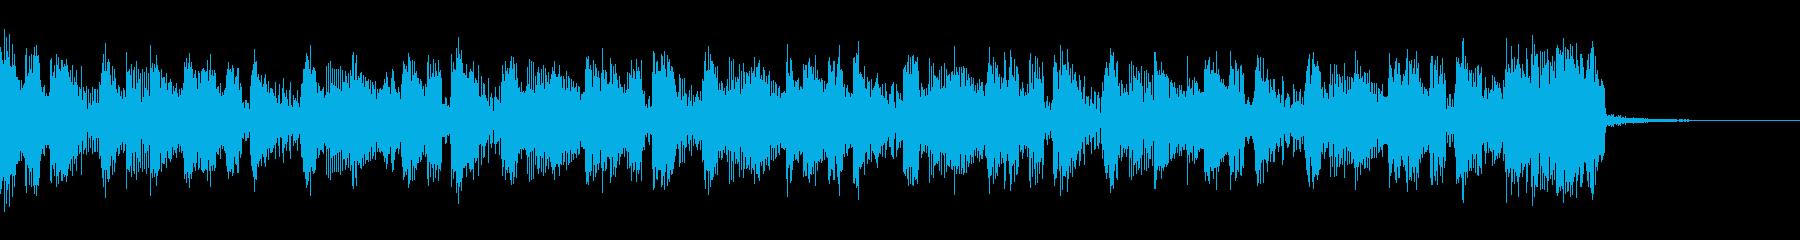 テクノ、シンプルなシーケンスのジングルの再生済みの波形